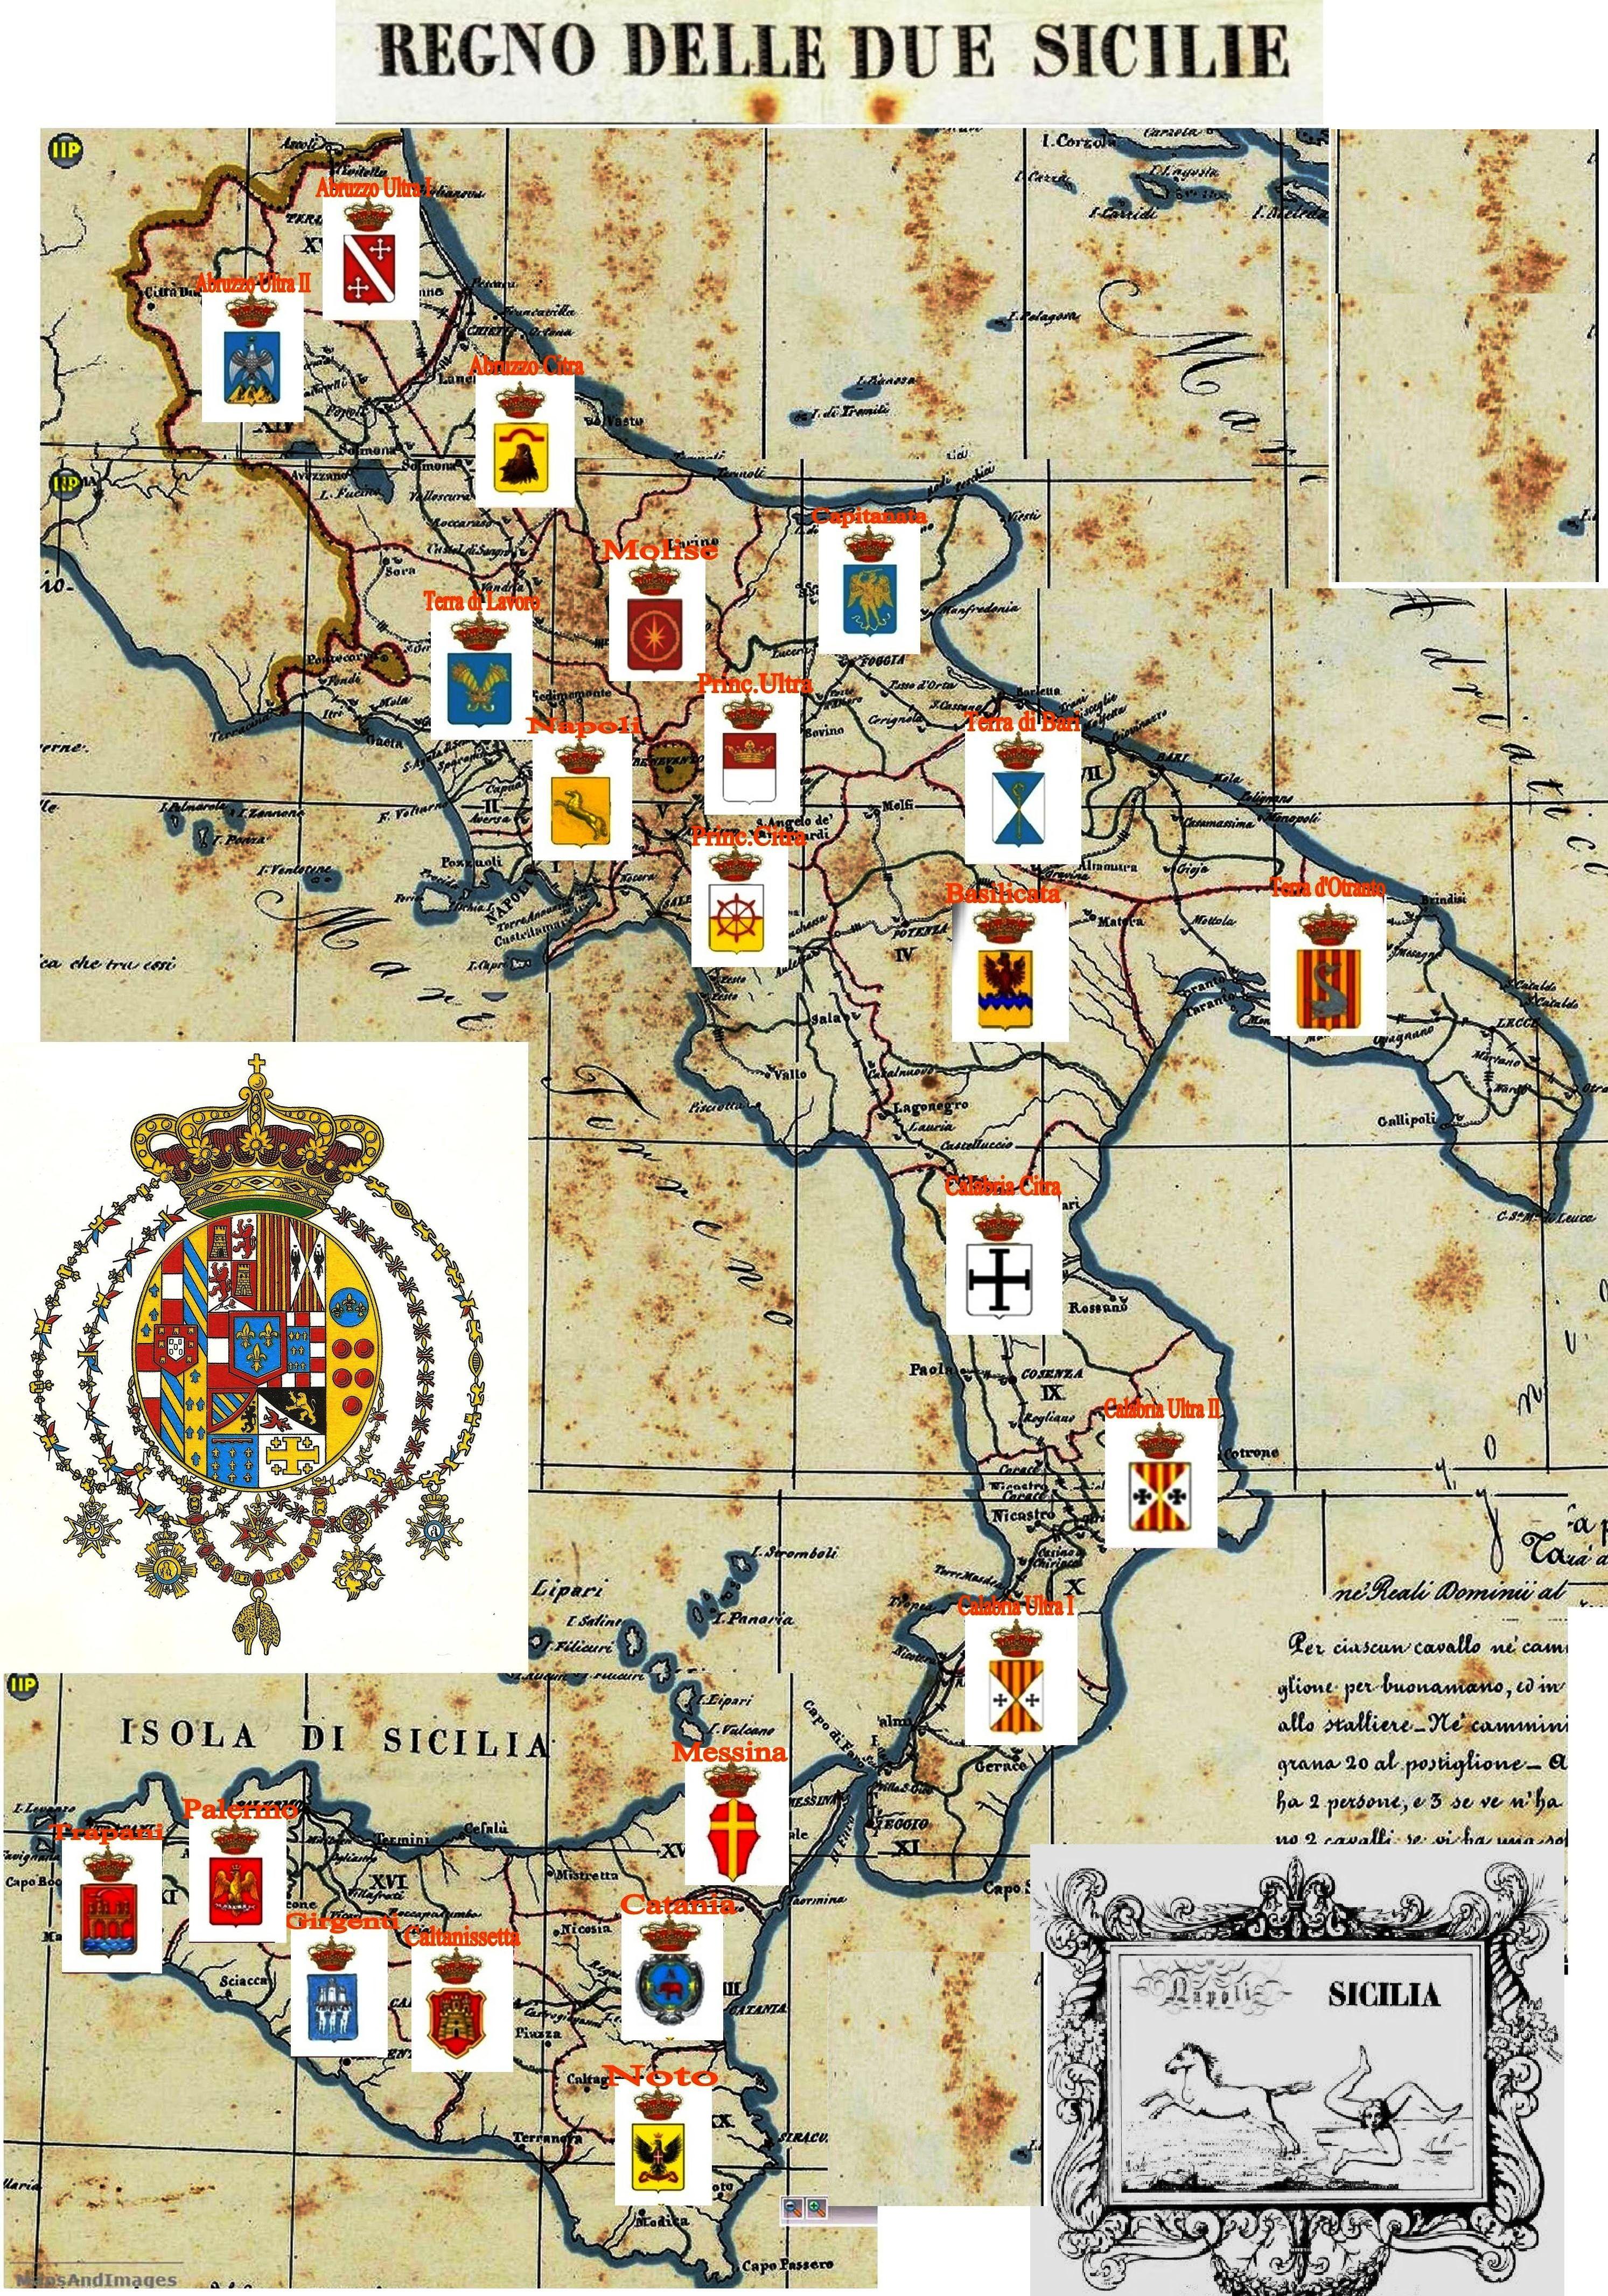 Provincie del Regno delle Due Sicilie   Sicilia, Foto segnaletiche, Schizzi  d'arte